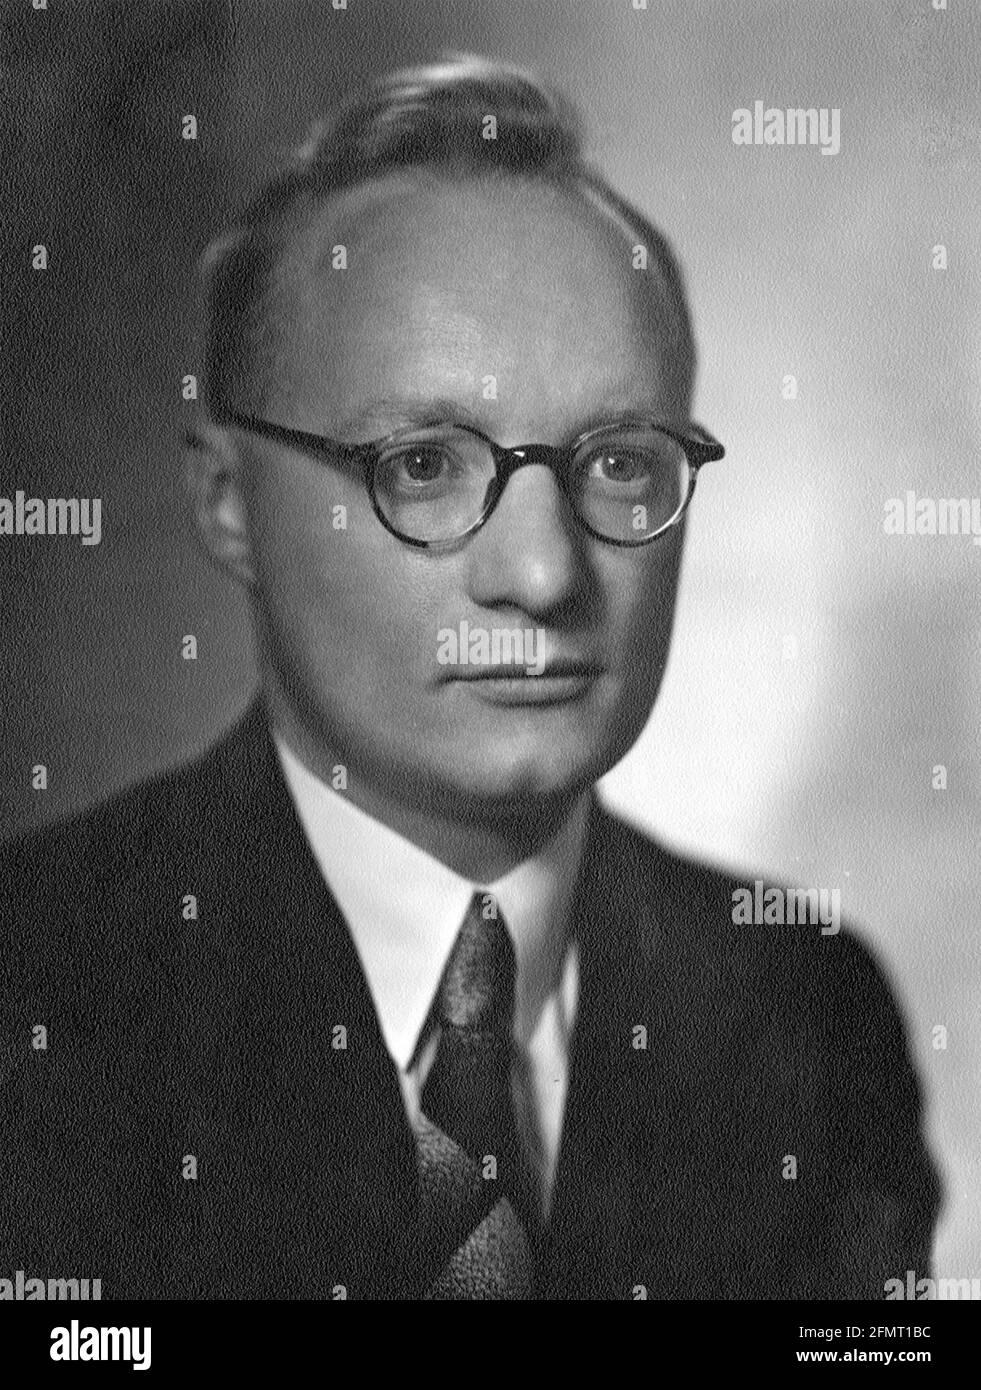 BODO von BORRIES (1905-1956) Allemagne physicien et co-inventeur du microscope électronique Banque D'Images